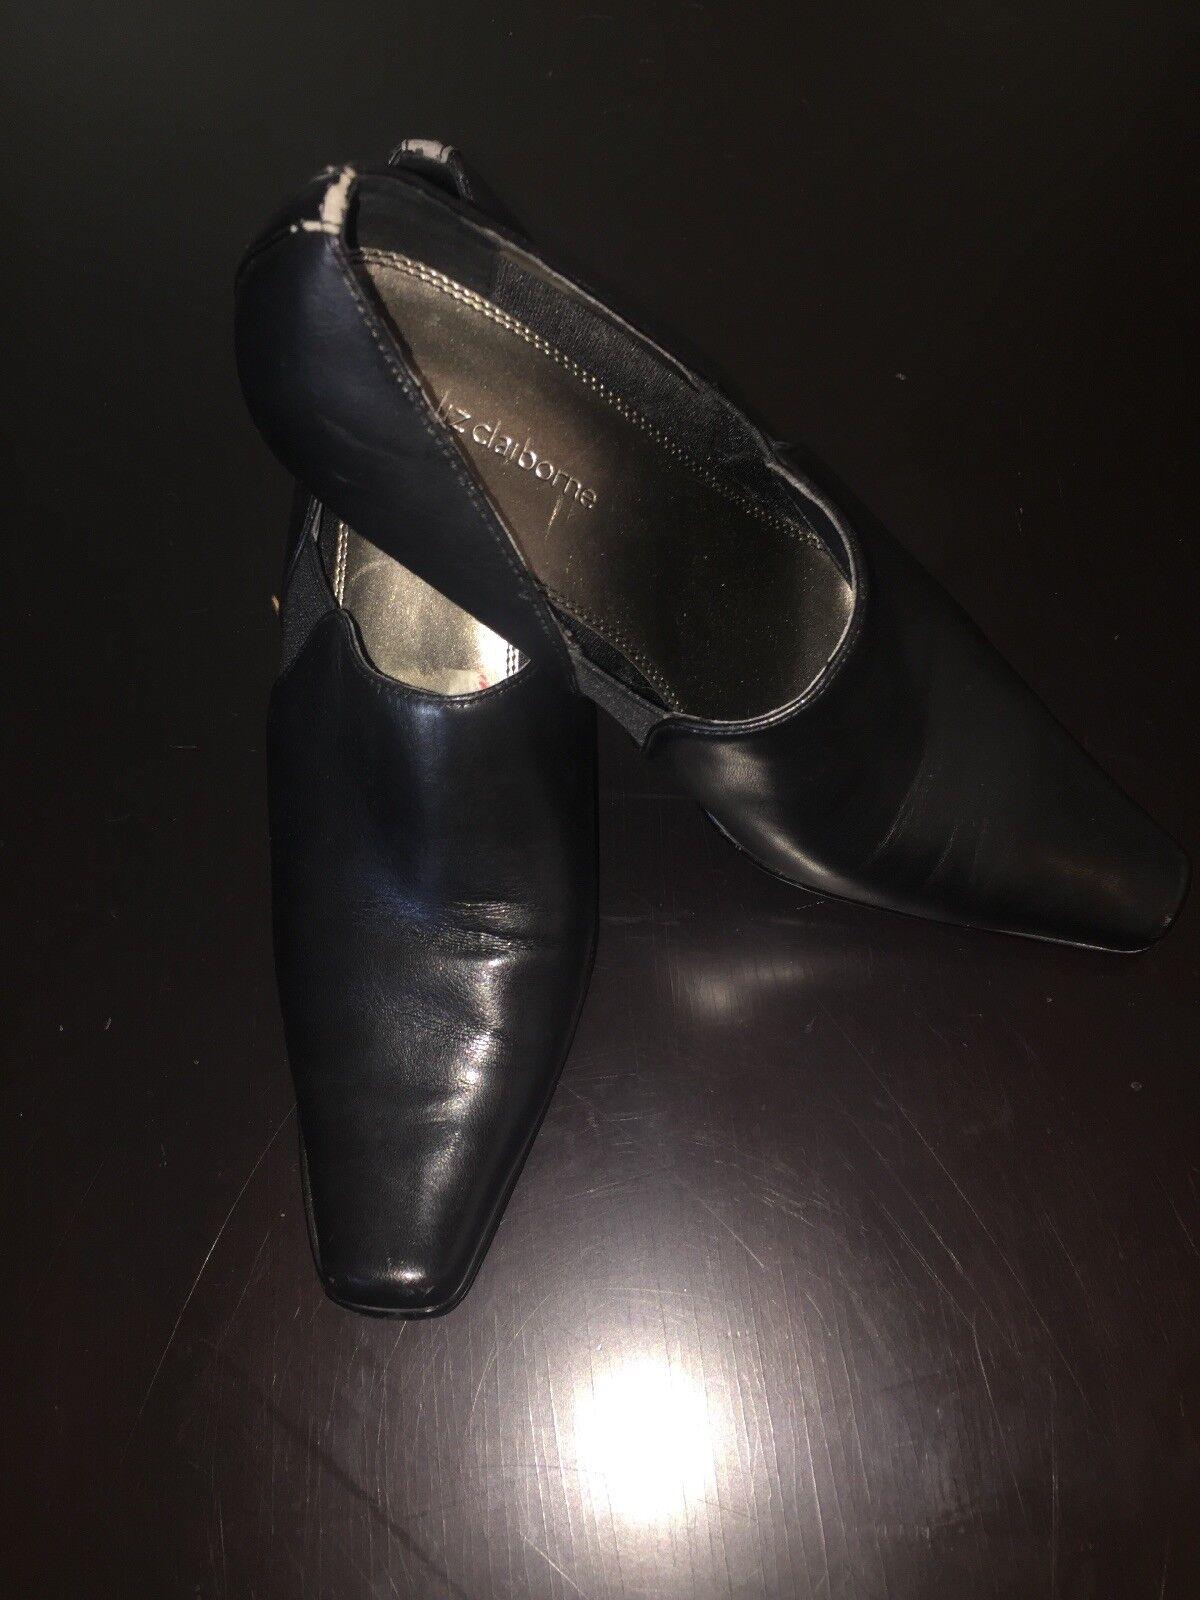 Liz Claiborne Black US Shoe Boot Block Pumps  Slip On Shoes US Black Size 9 M 78e0a1